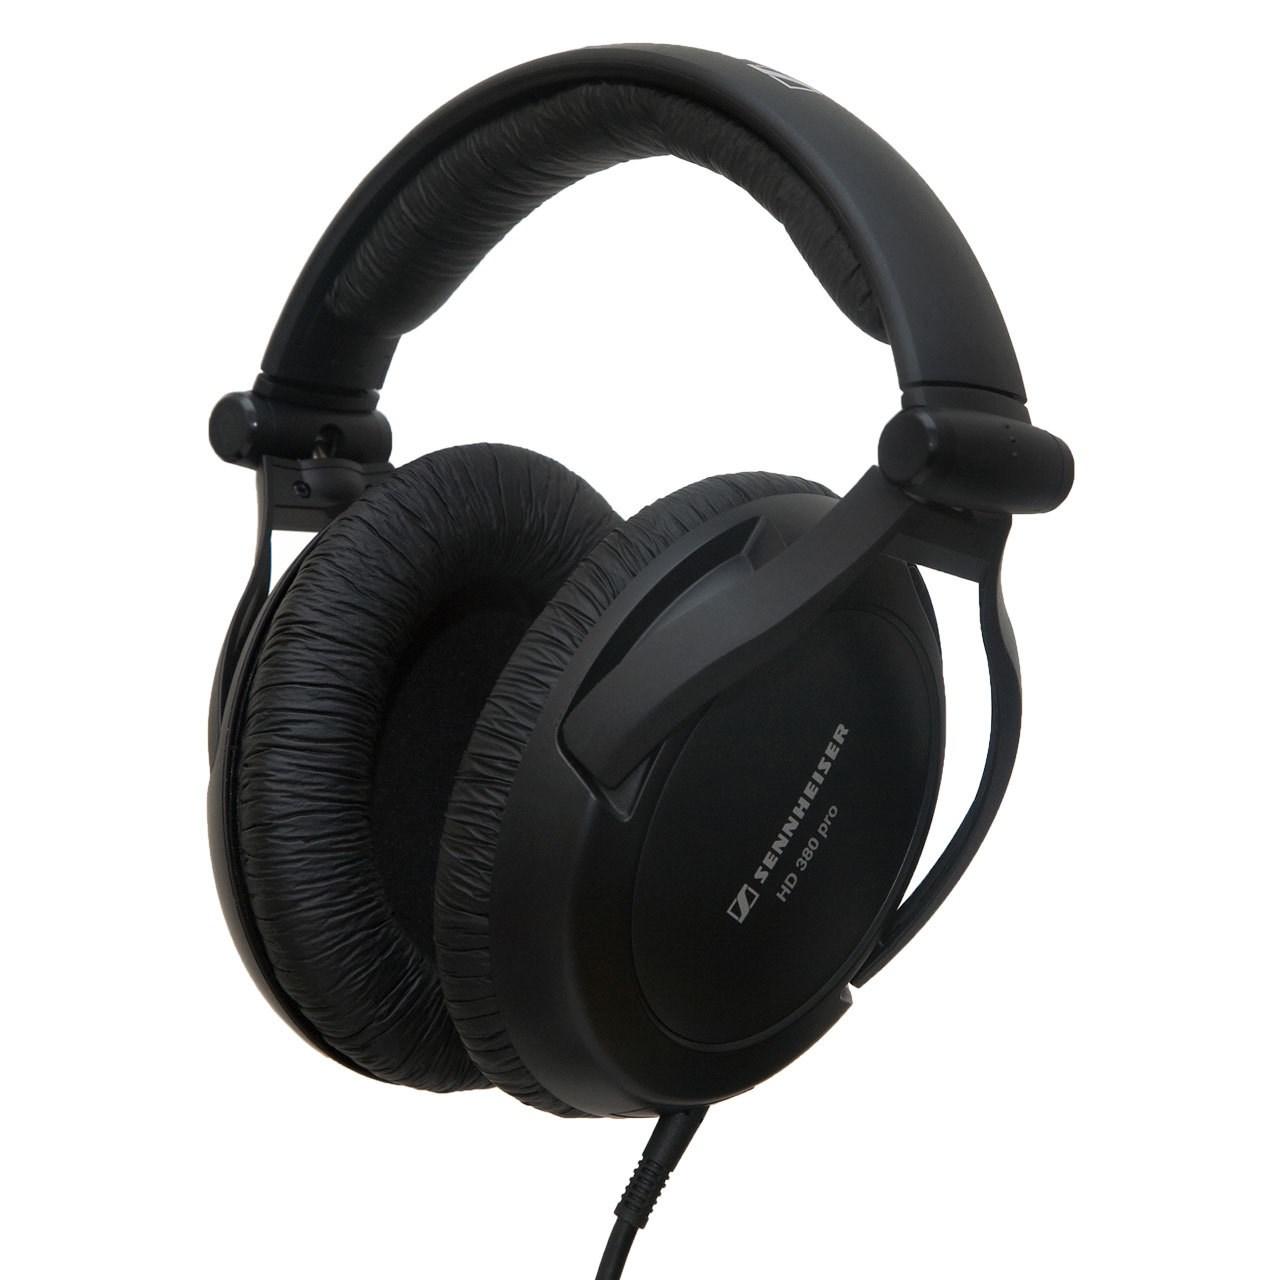 هدفون مانیتورینگ سنهایزر مدل HD 380 Pro Monitor